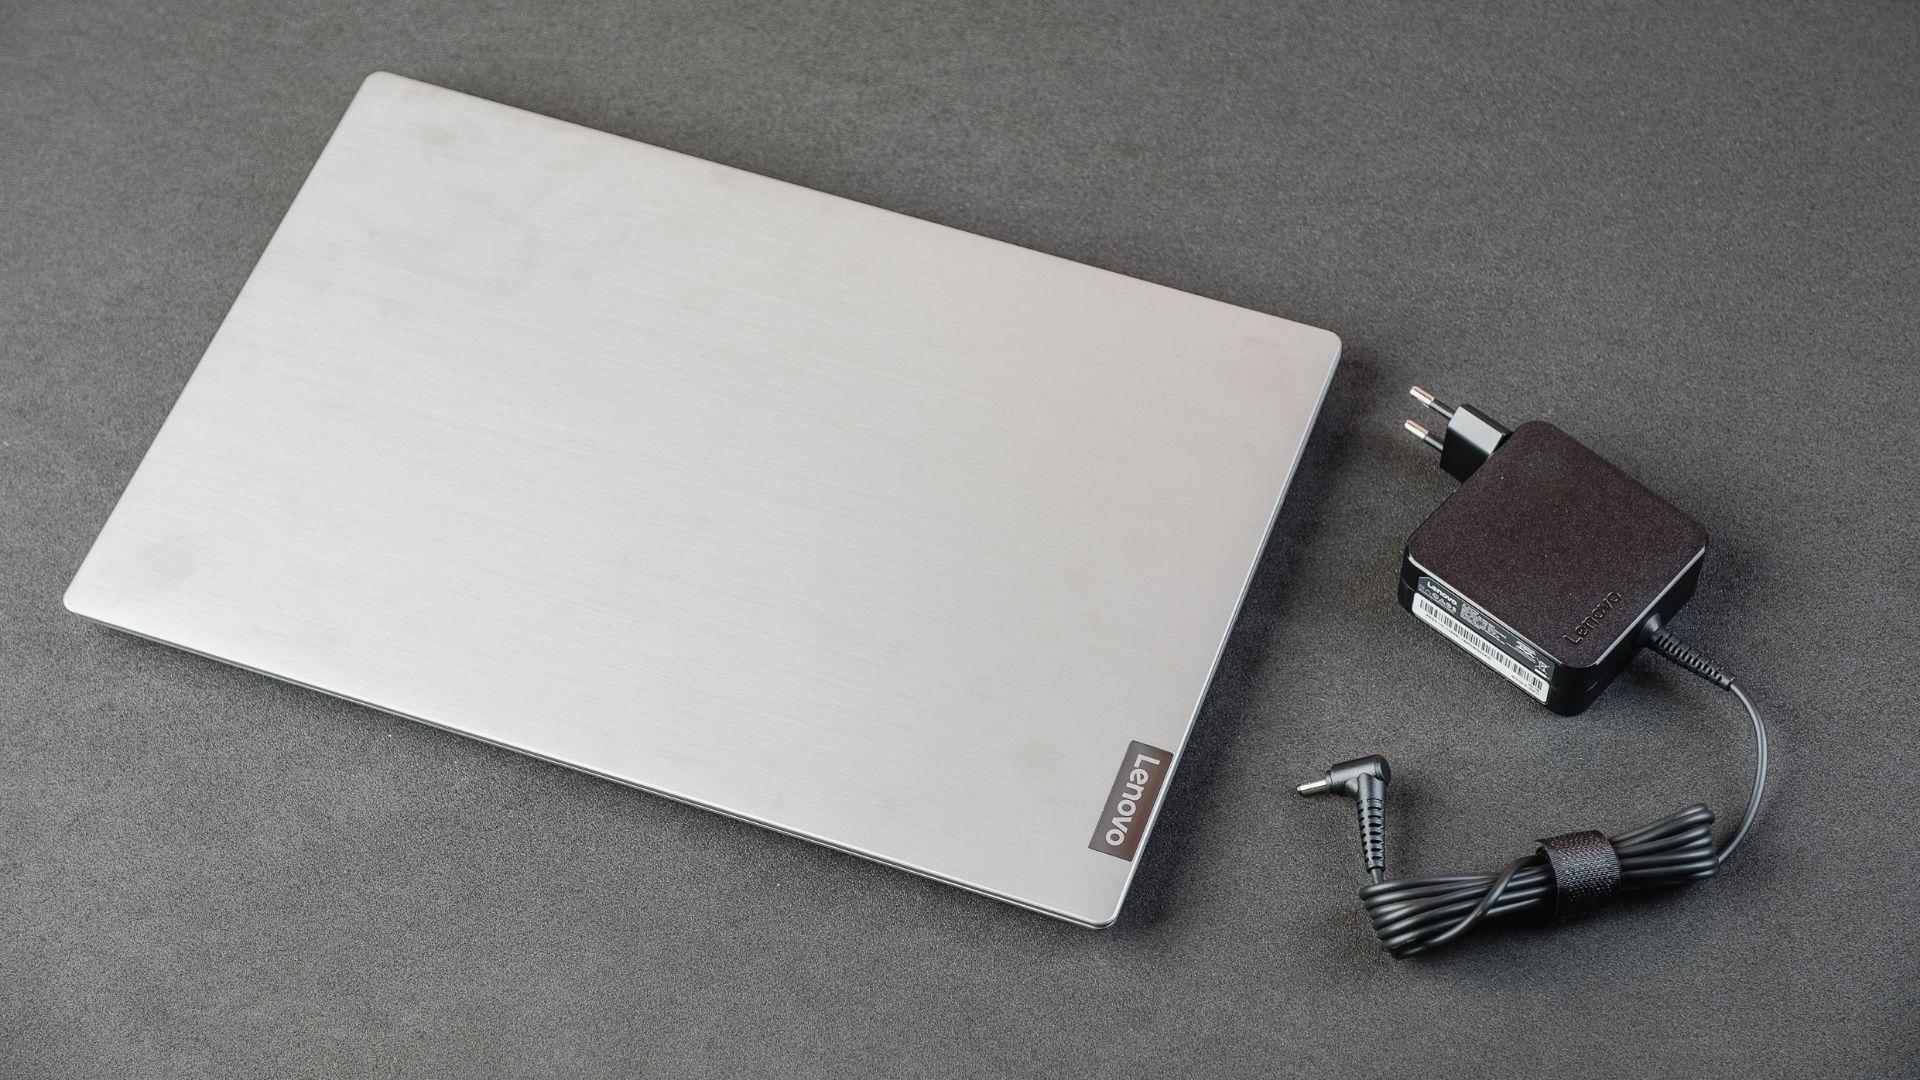 Já dá pra ver, com o notebook na caixa, como seu design é fino (Foto: Zoom)